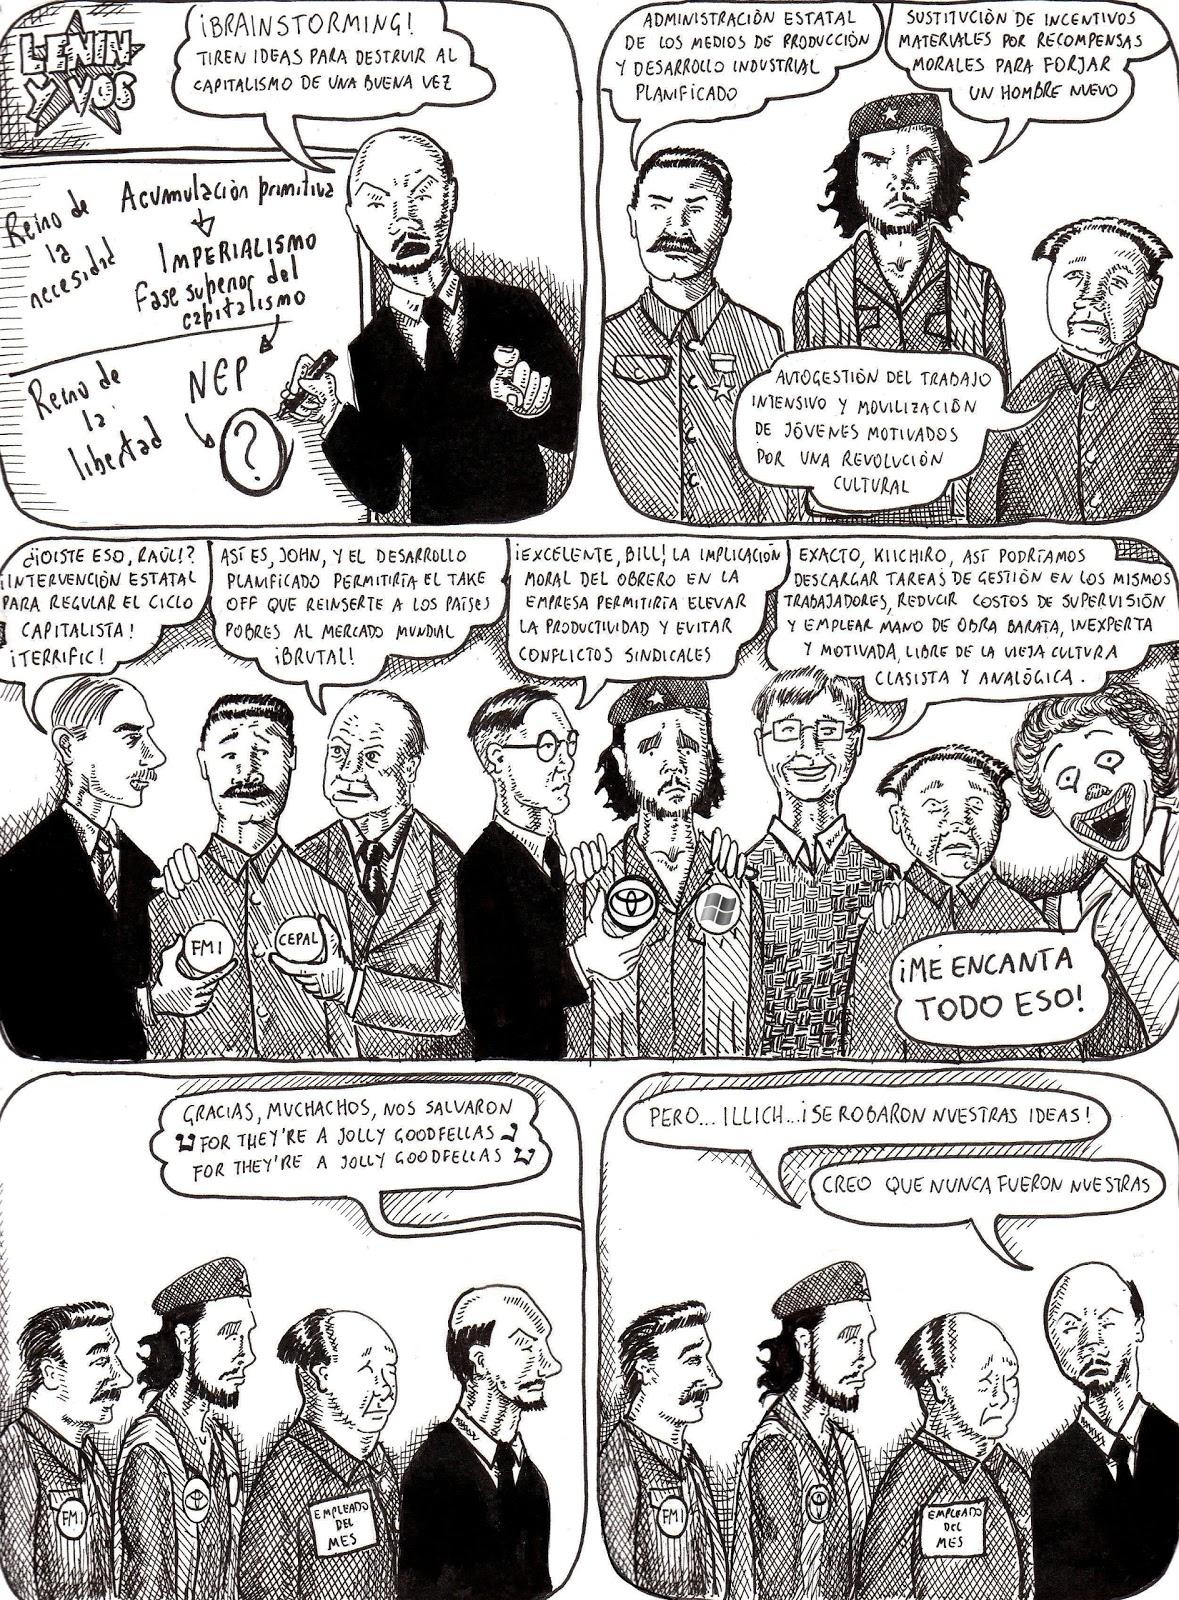 NWO INFORMATIVOS - Página 3 Lenin+y+Mao006